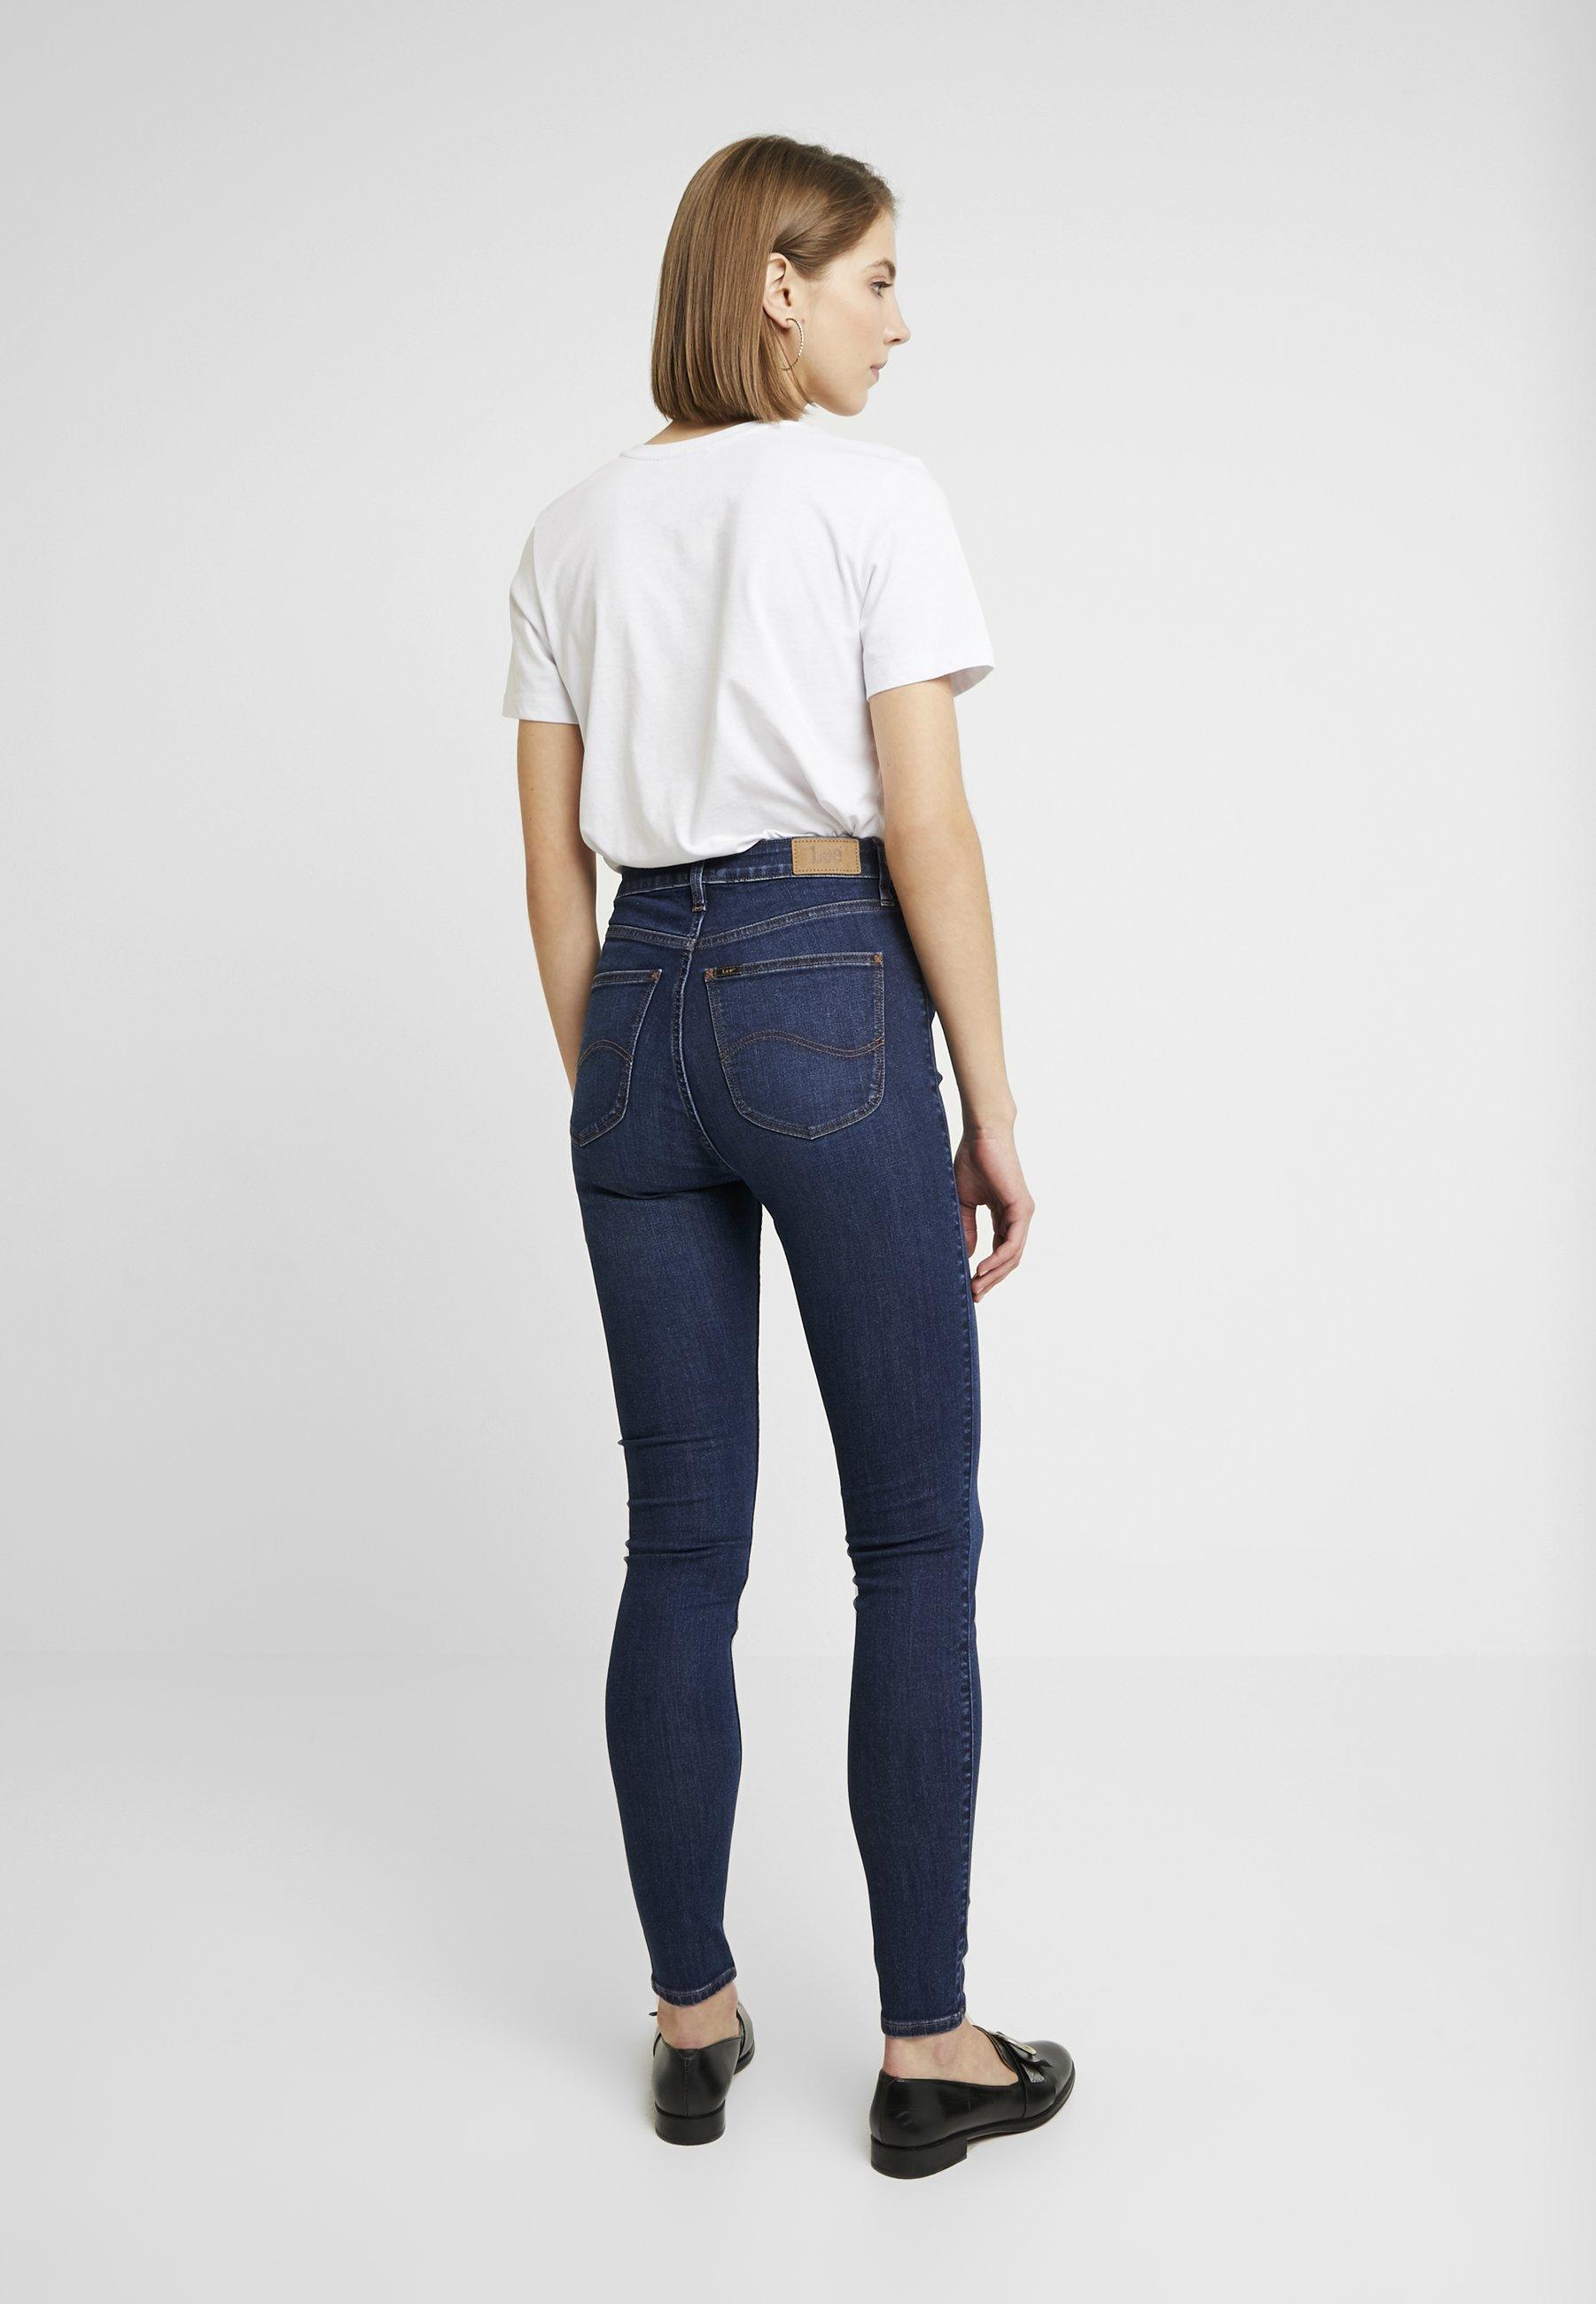 Lee IVY - Jeans Skinny - dark hunt - Jeans Femme BrDIu